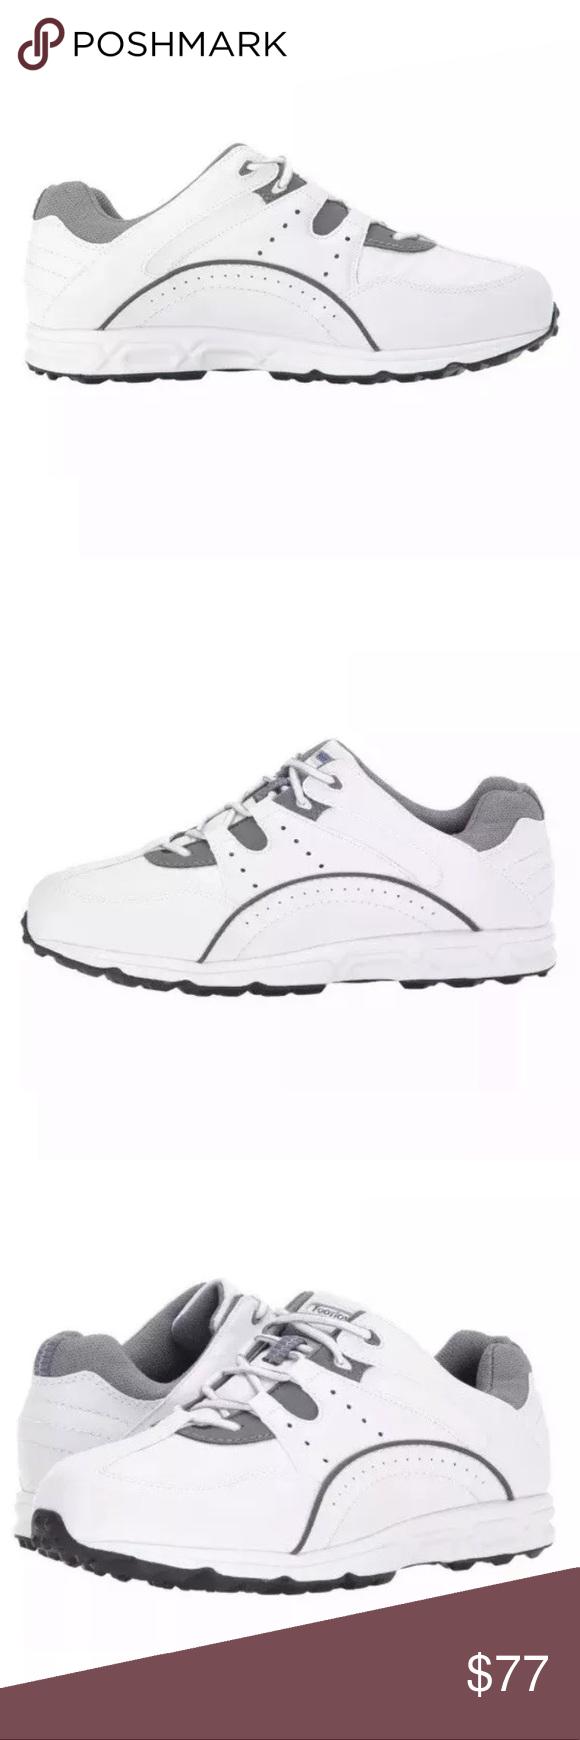 Footjoy FJ Spikeless Golf Shoes